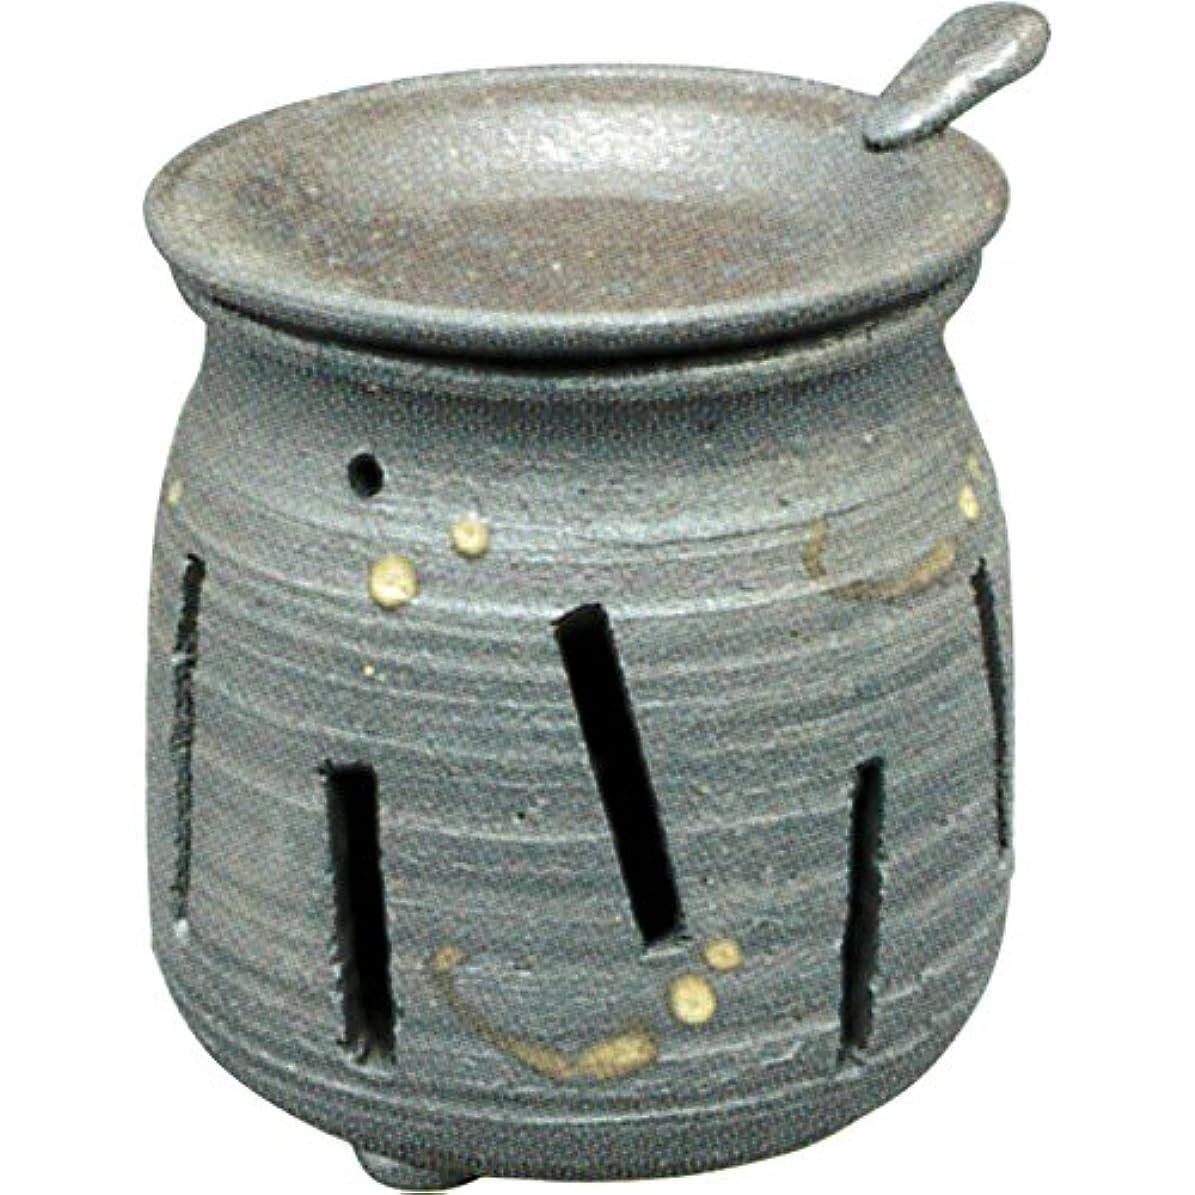 メッセージギャラリー市長常滑焼 : 焜清 茶香炉 ル36-05